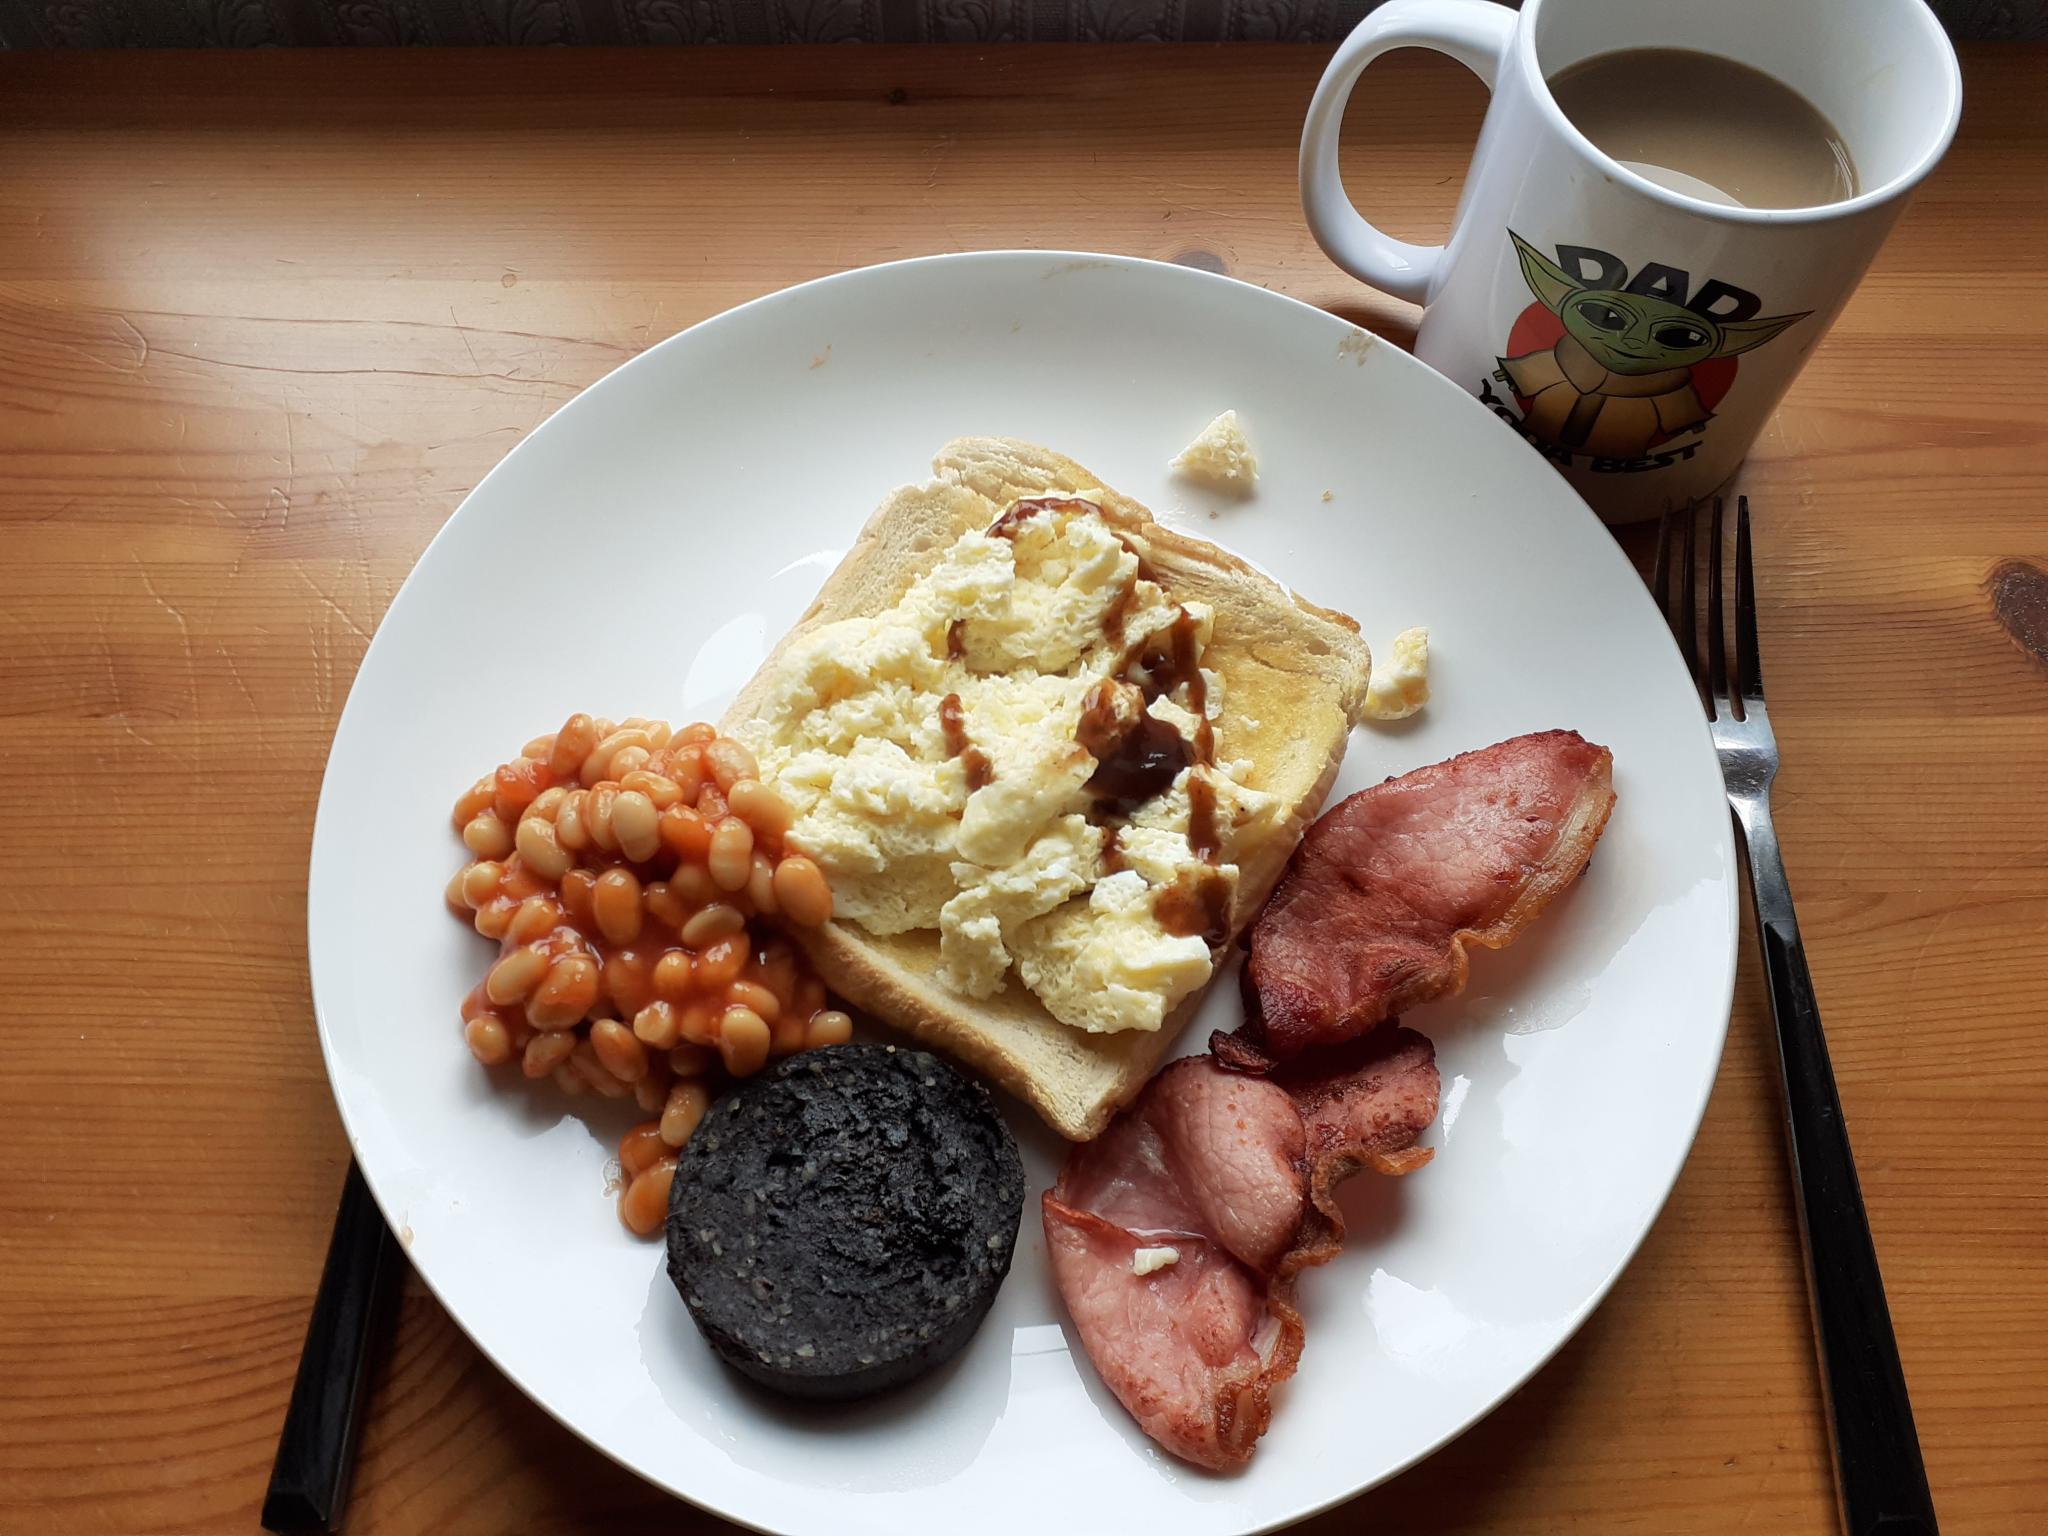 Breakfast-20210517_135059-jpg